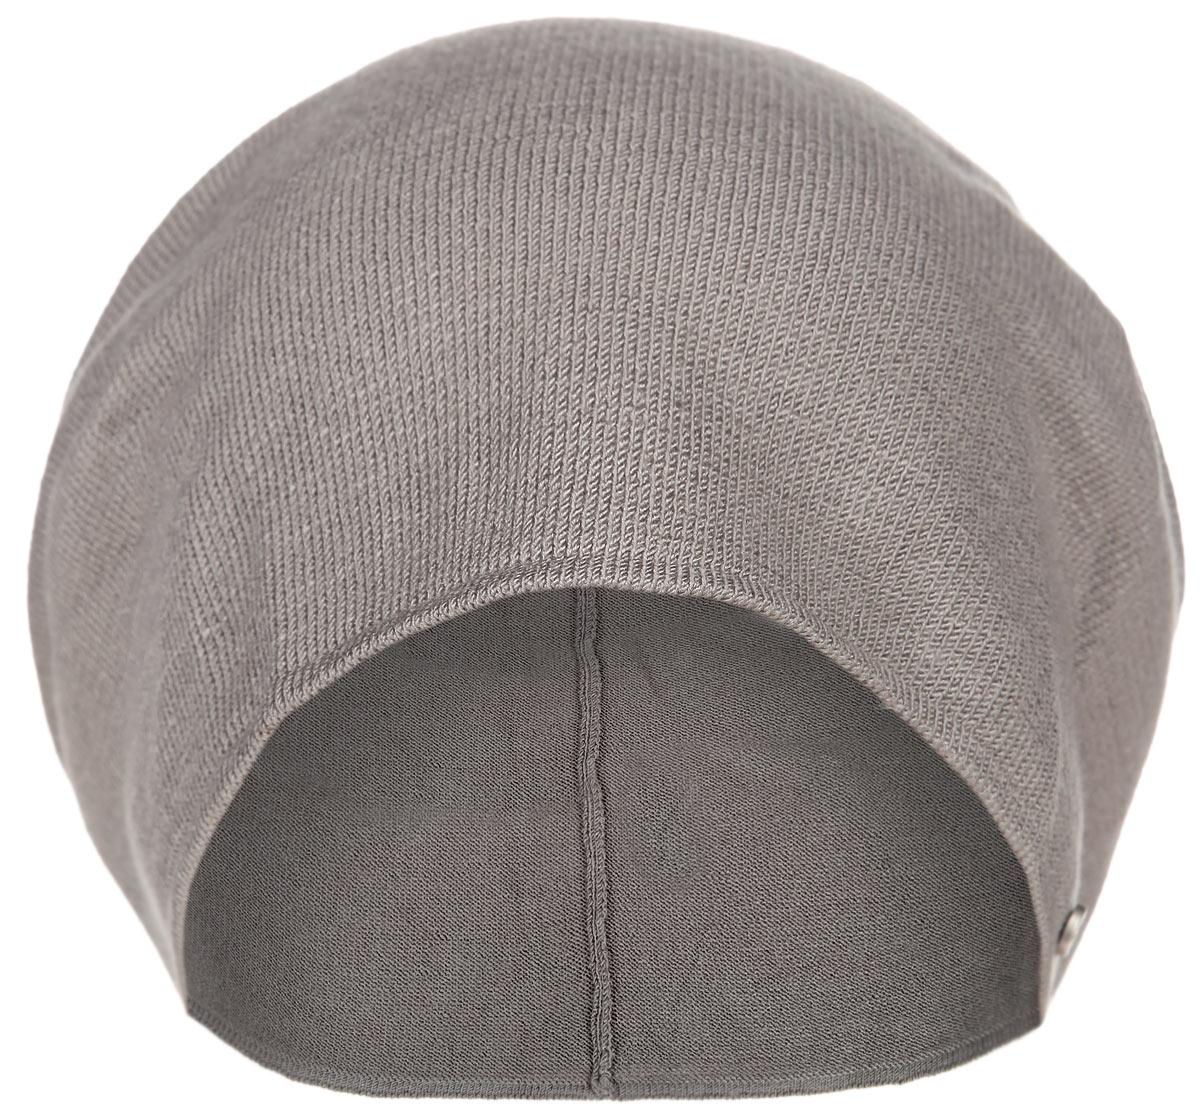 Шапка3448237Стильная мужская шапка Canoe Iron идеально подойдет для прогулок и занятия спортом в прохладное время года. Тонкая удлиненная шапка изготовлена из высококачественного вискозного материала, который обеспечивает удобную посадку и высокую гигроскопичность. Такая шапка станет модным и стильным дополнением вашего зимнего гардероба. Она согреет вас в прохладные осенние дни! Уважаемые клиенты! Размер, доступный для заказа, является обхватом головы.